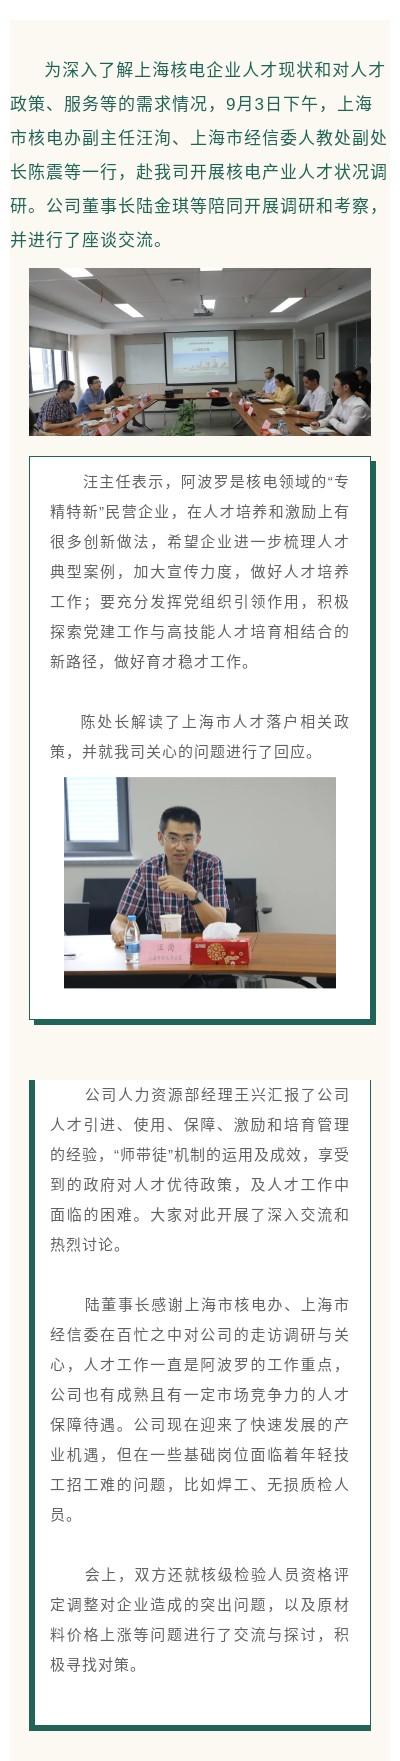 """【阿波羅新聞】上海市核電辦赴我司開展""""上海市核電人才狀況專項研究""""走訪調研"""